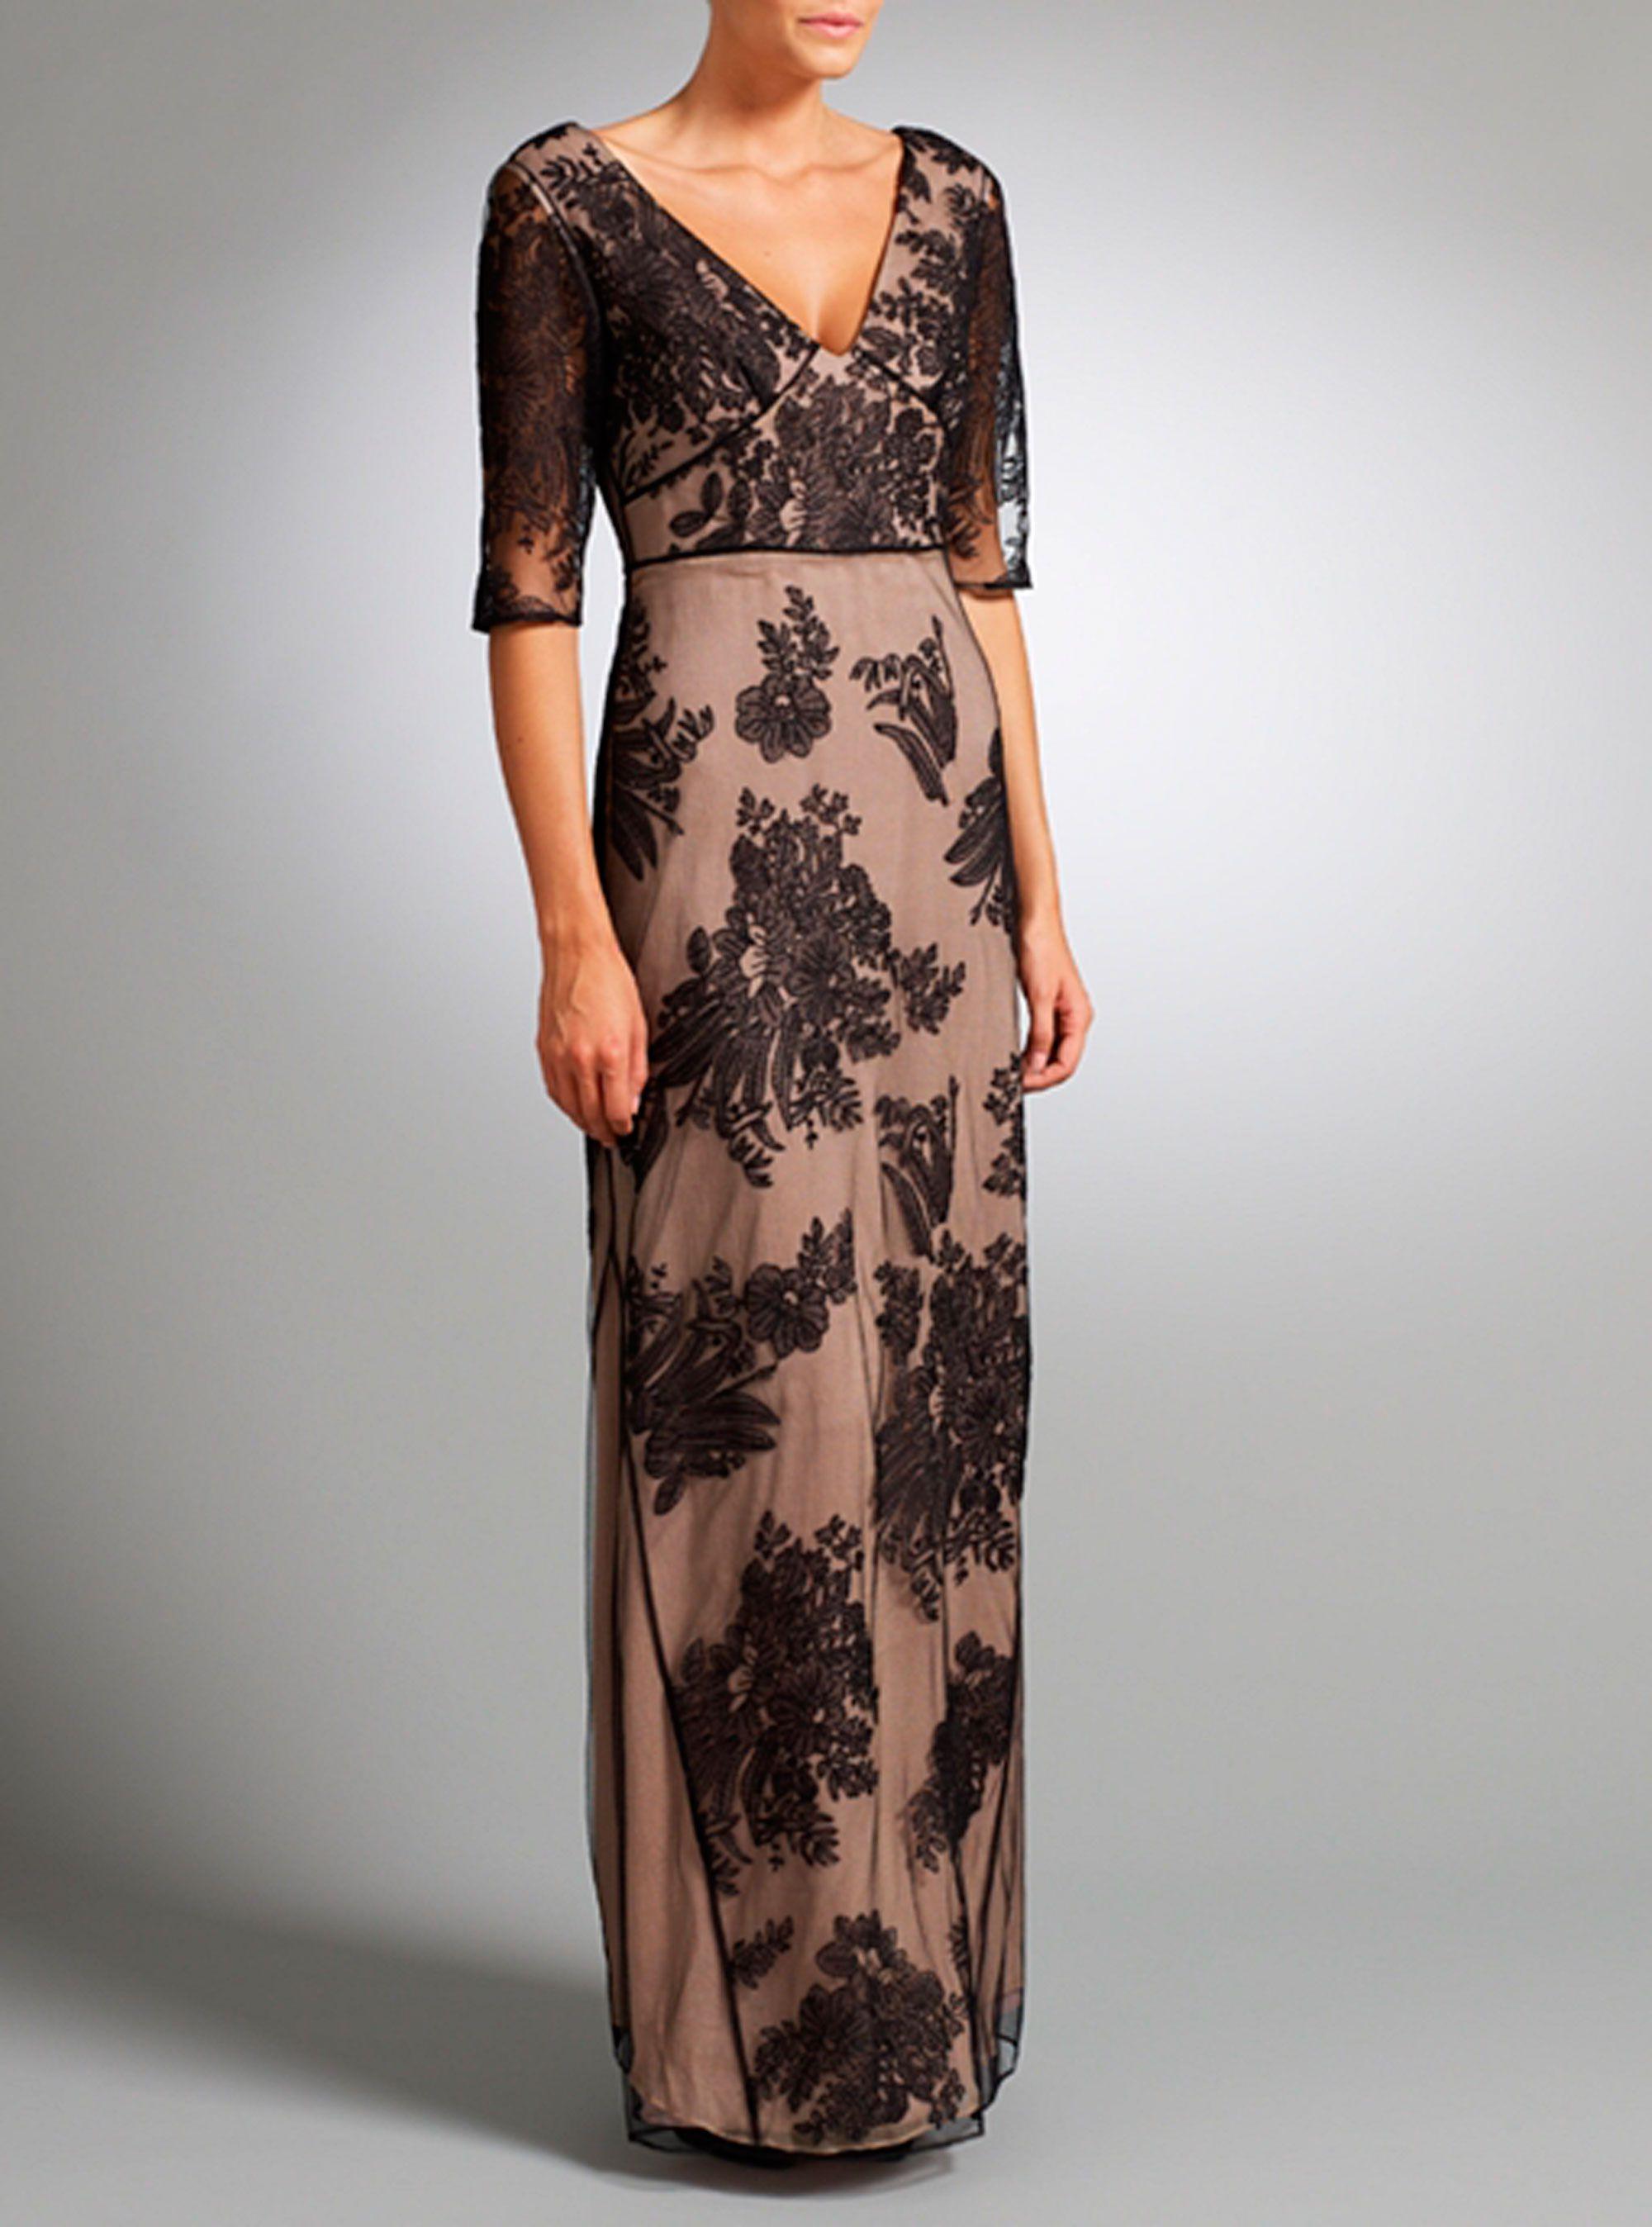 Sheath dresses for wedding guest  Stylish Wedding Guest Outfits  Wedding outfits  Pinterest